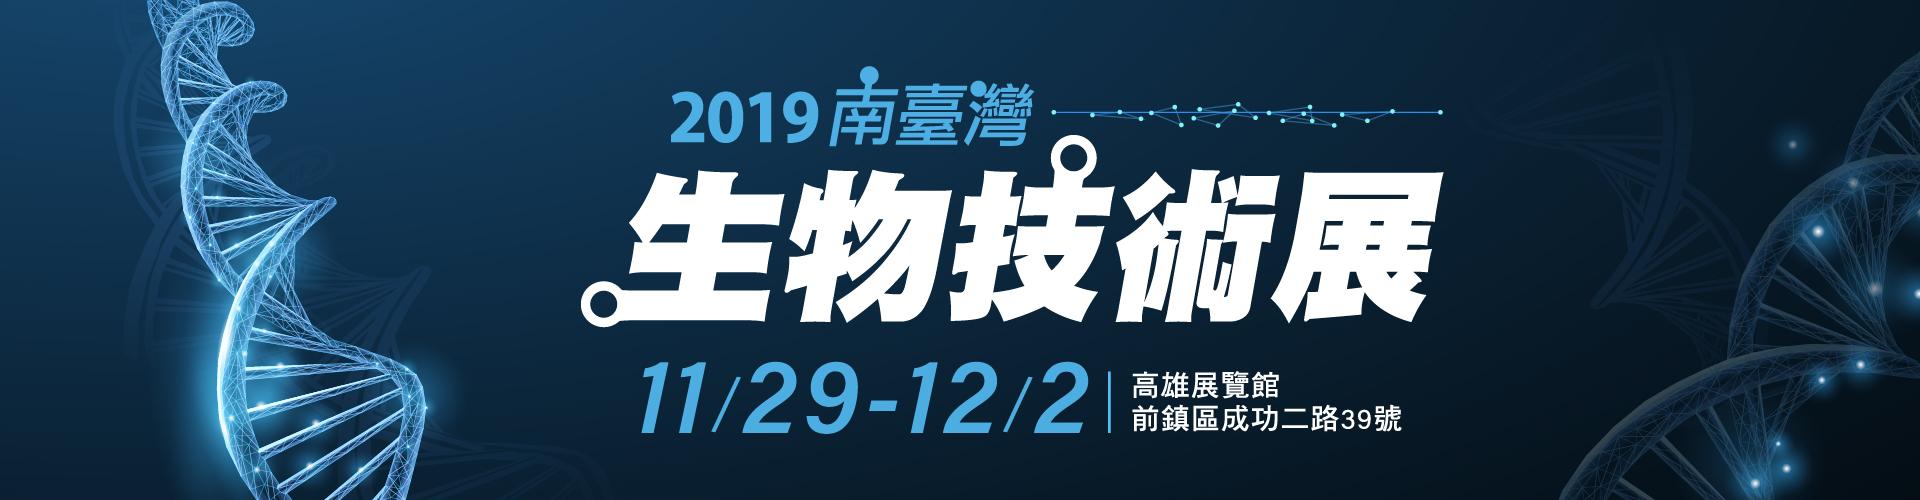 2019/11/29-12/02 南臺灣生物技術展